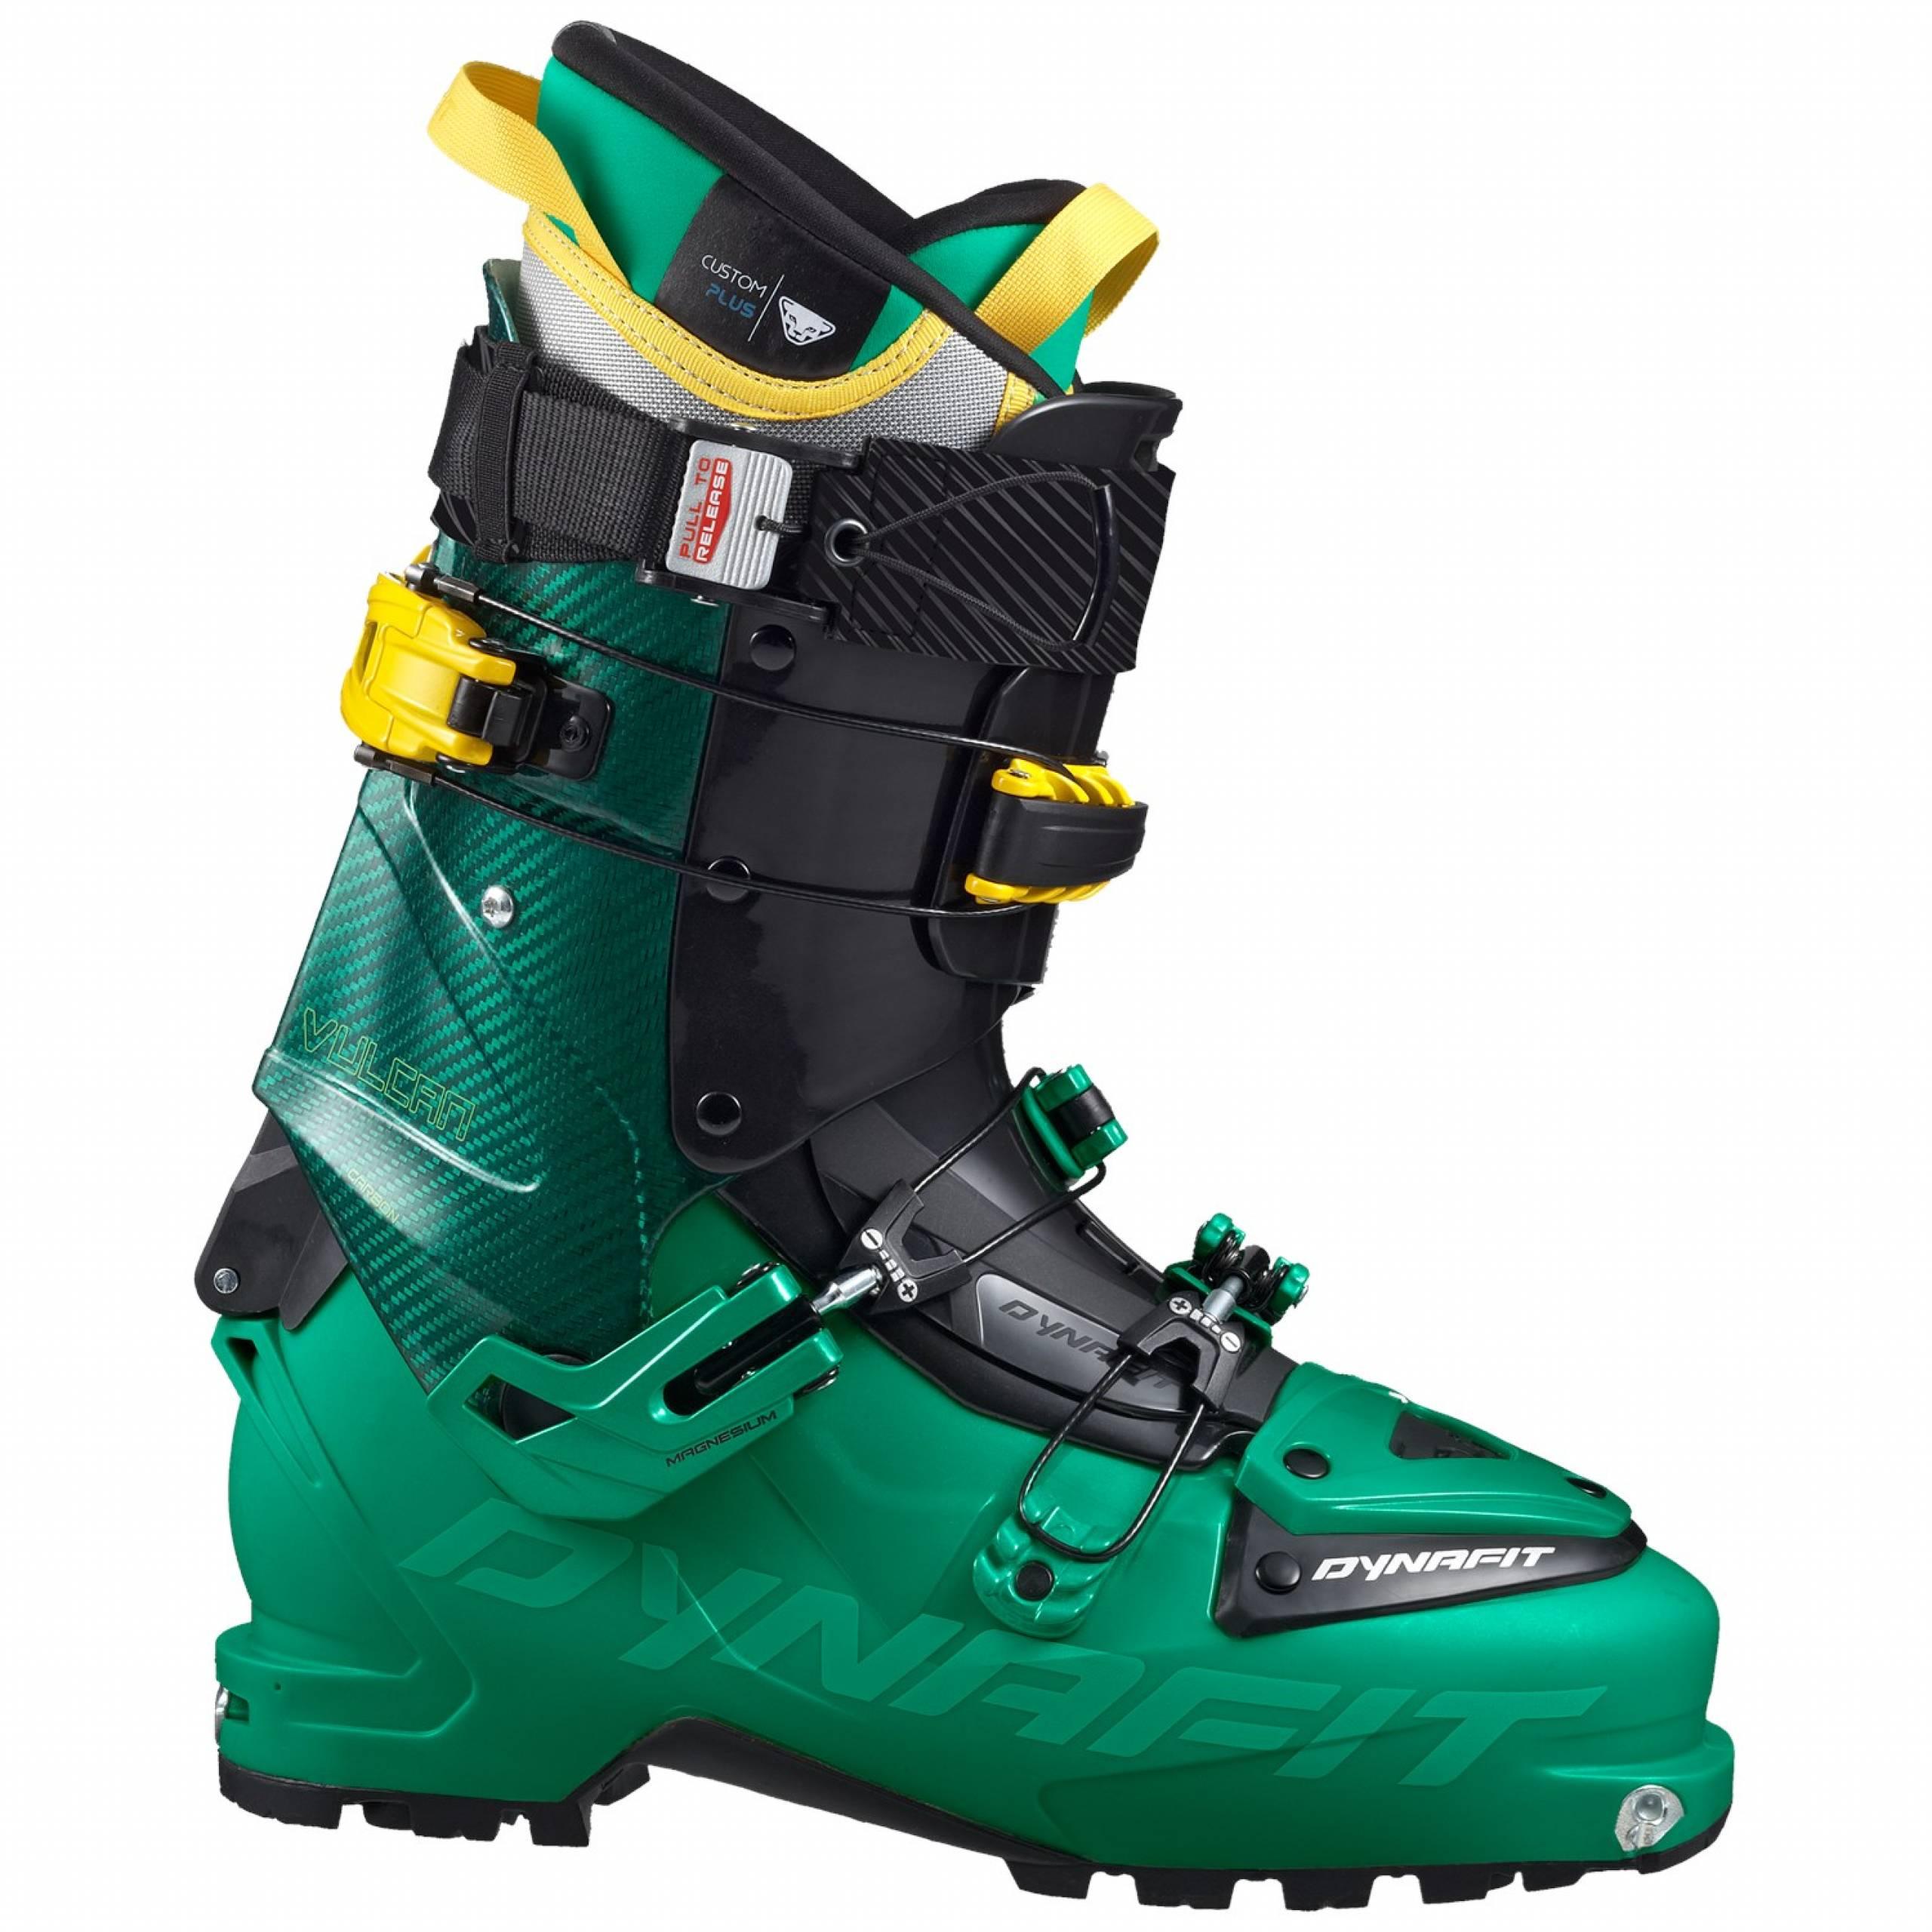 Vulcan Boot